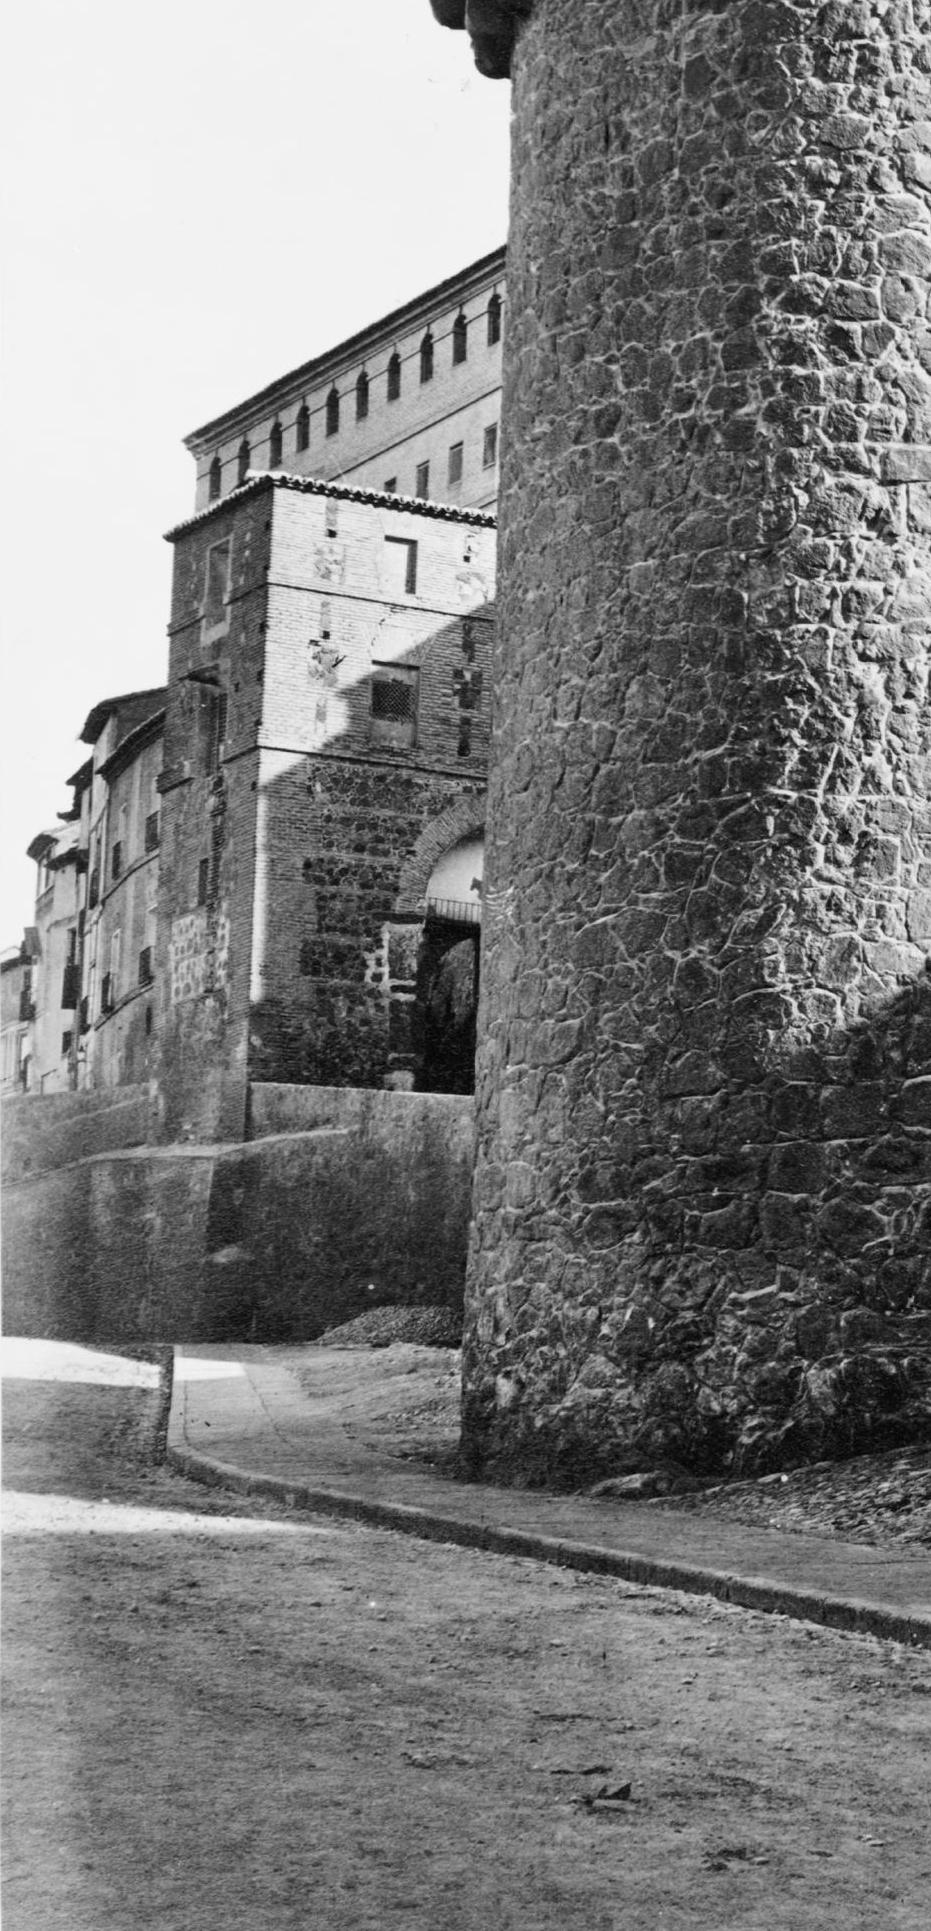 Puerta de Alarcones en el el siglo XIX. Fotografía de Jean Laurent (detalle)